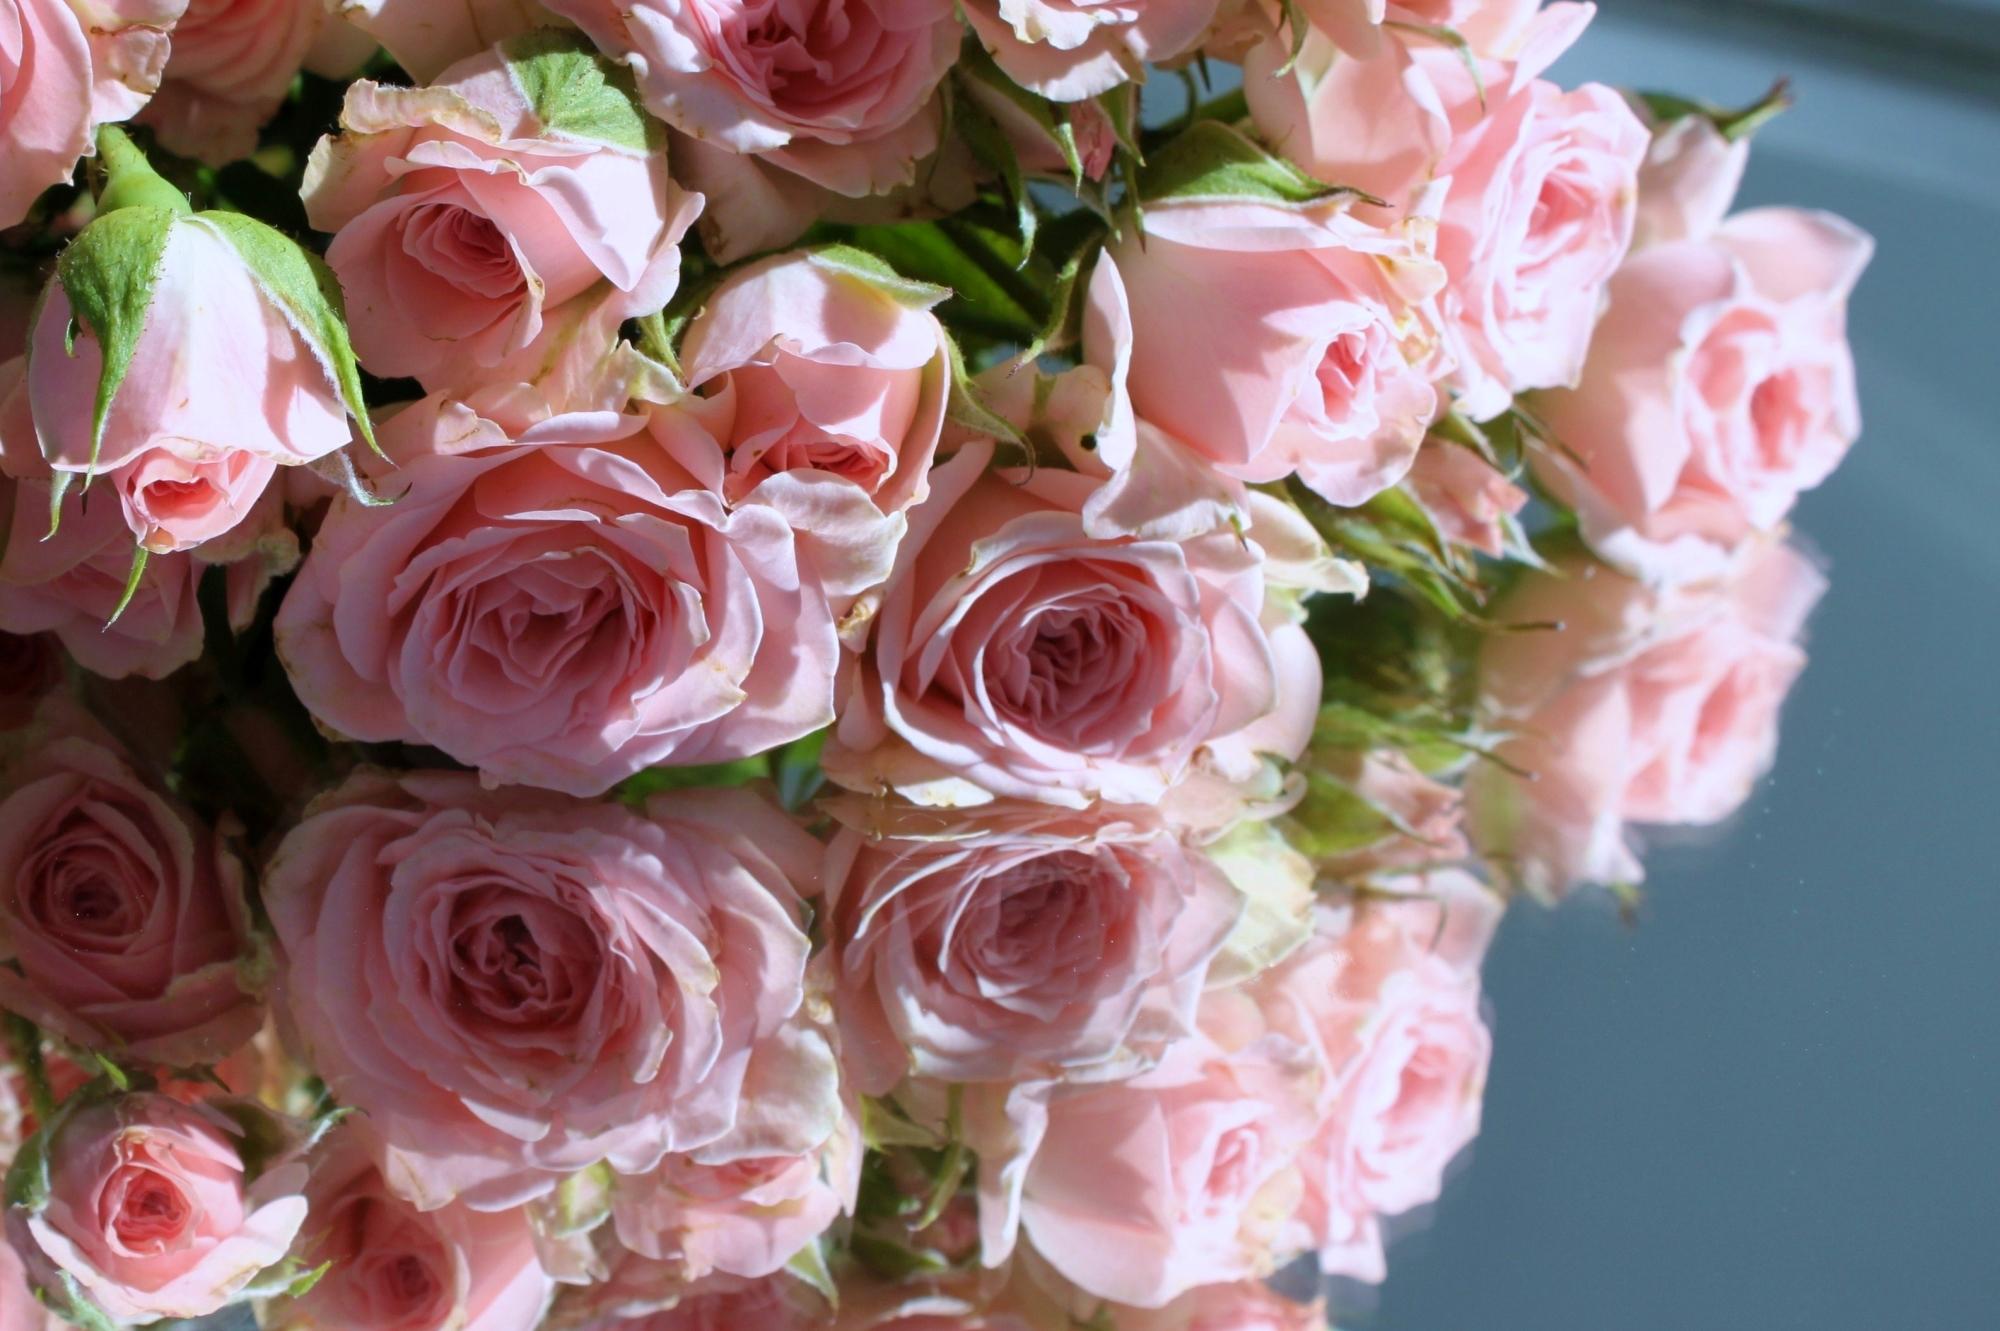 картинка на рабочий стол розы нежные розы много негров